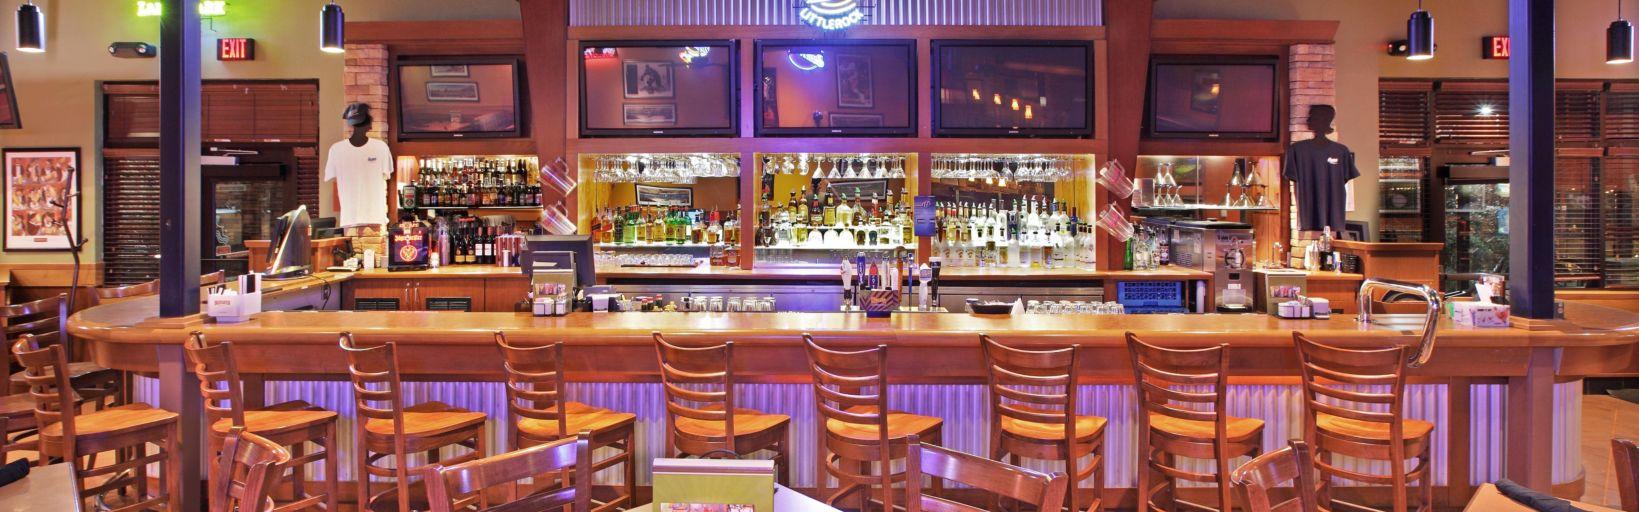 Boston 39 S Sports Bar Has Ten Tvs On